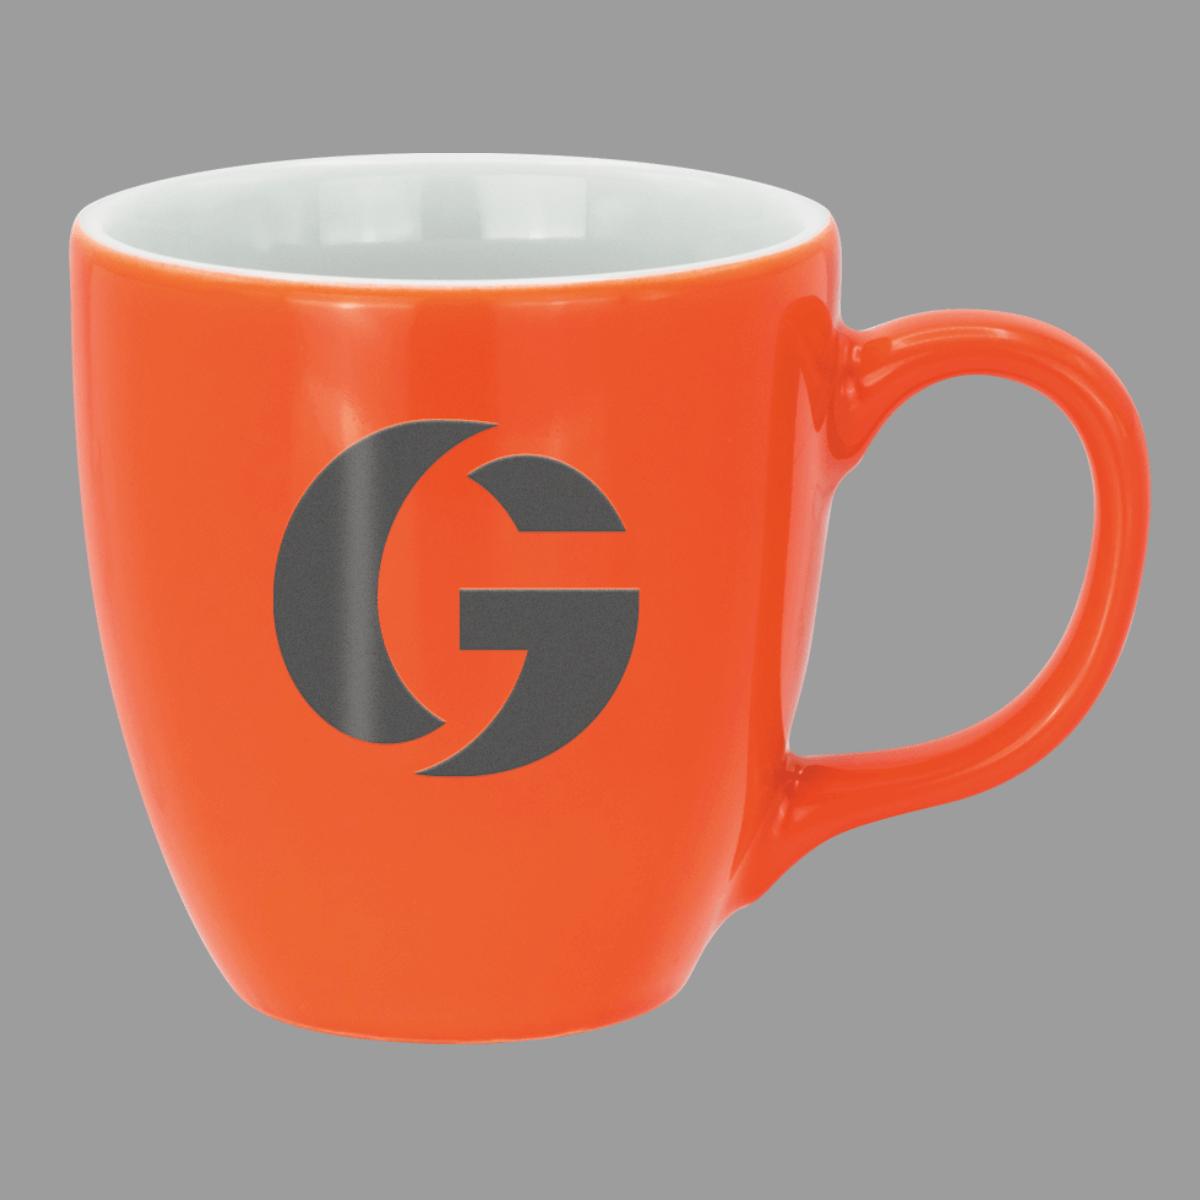 Gastro Spritzung_G orange